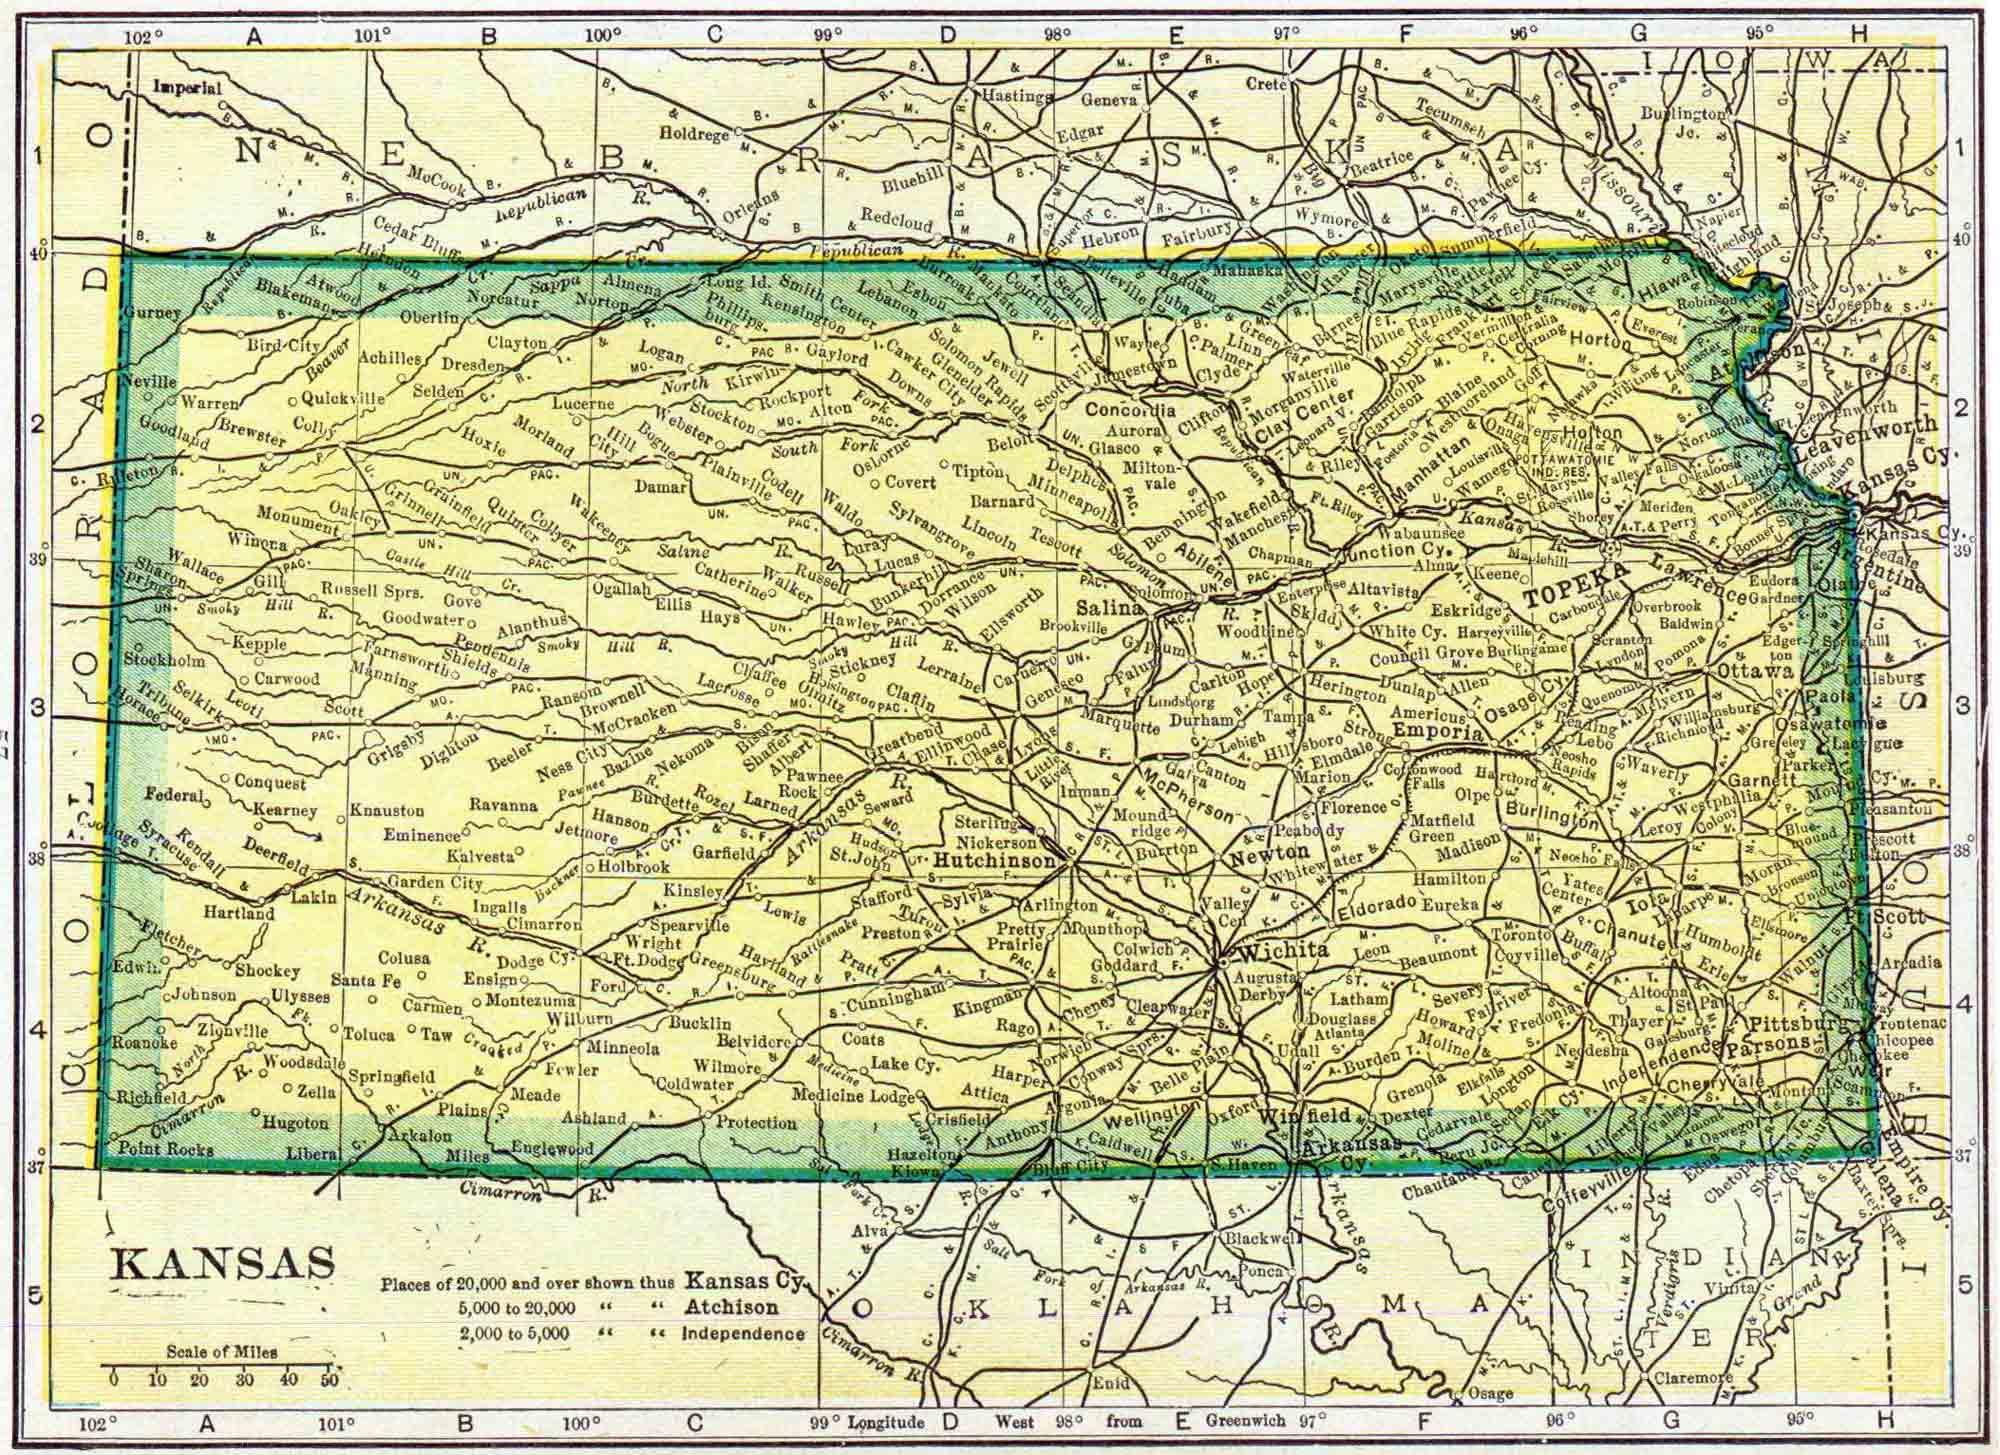 1910 Kansas Census Map | Access Genealogy